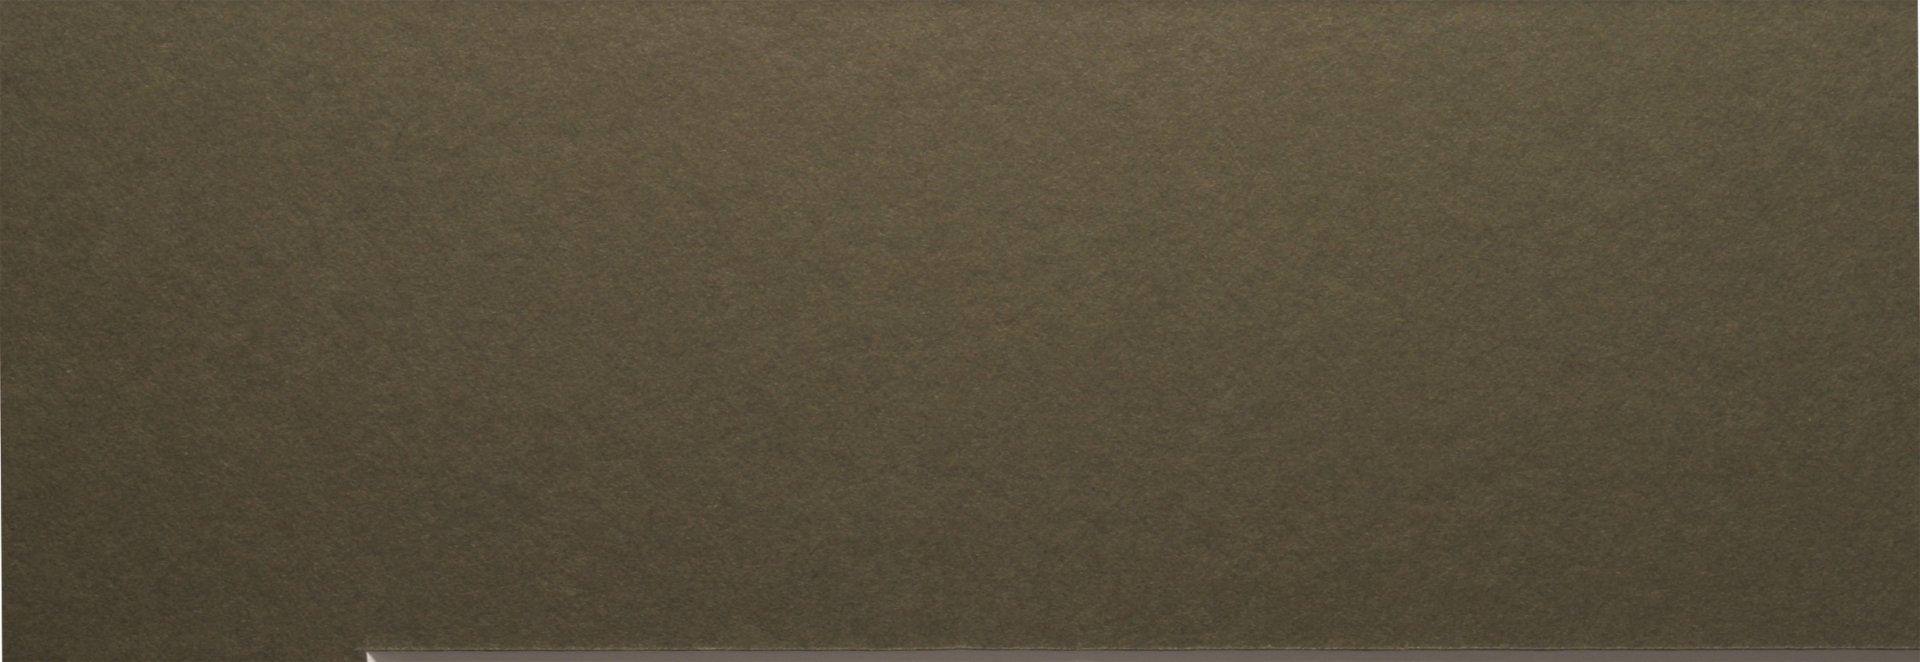 61032 Dark Olive (czarny przekrój)